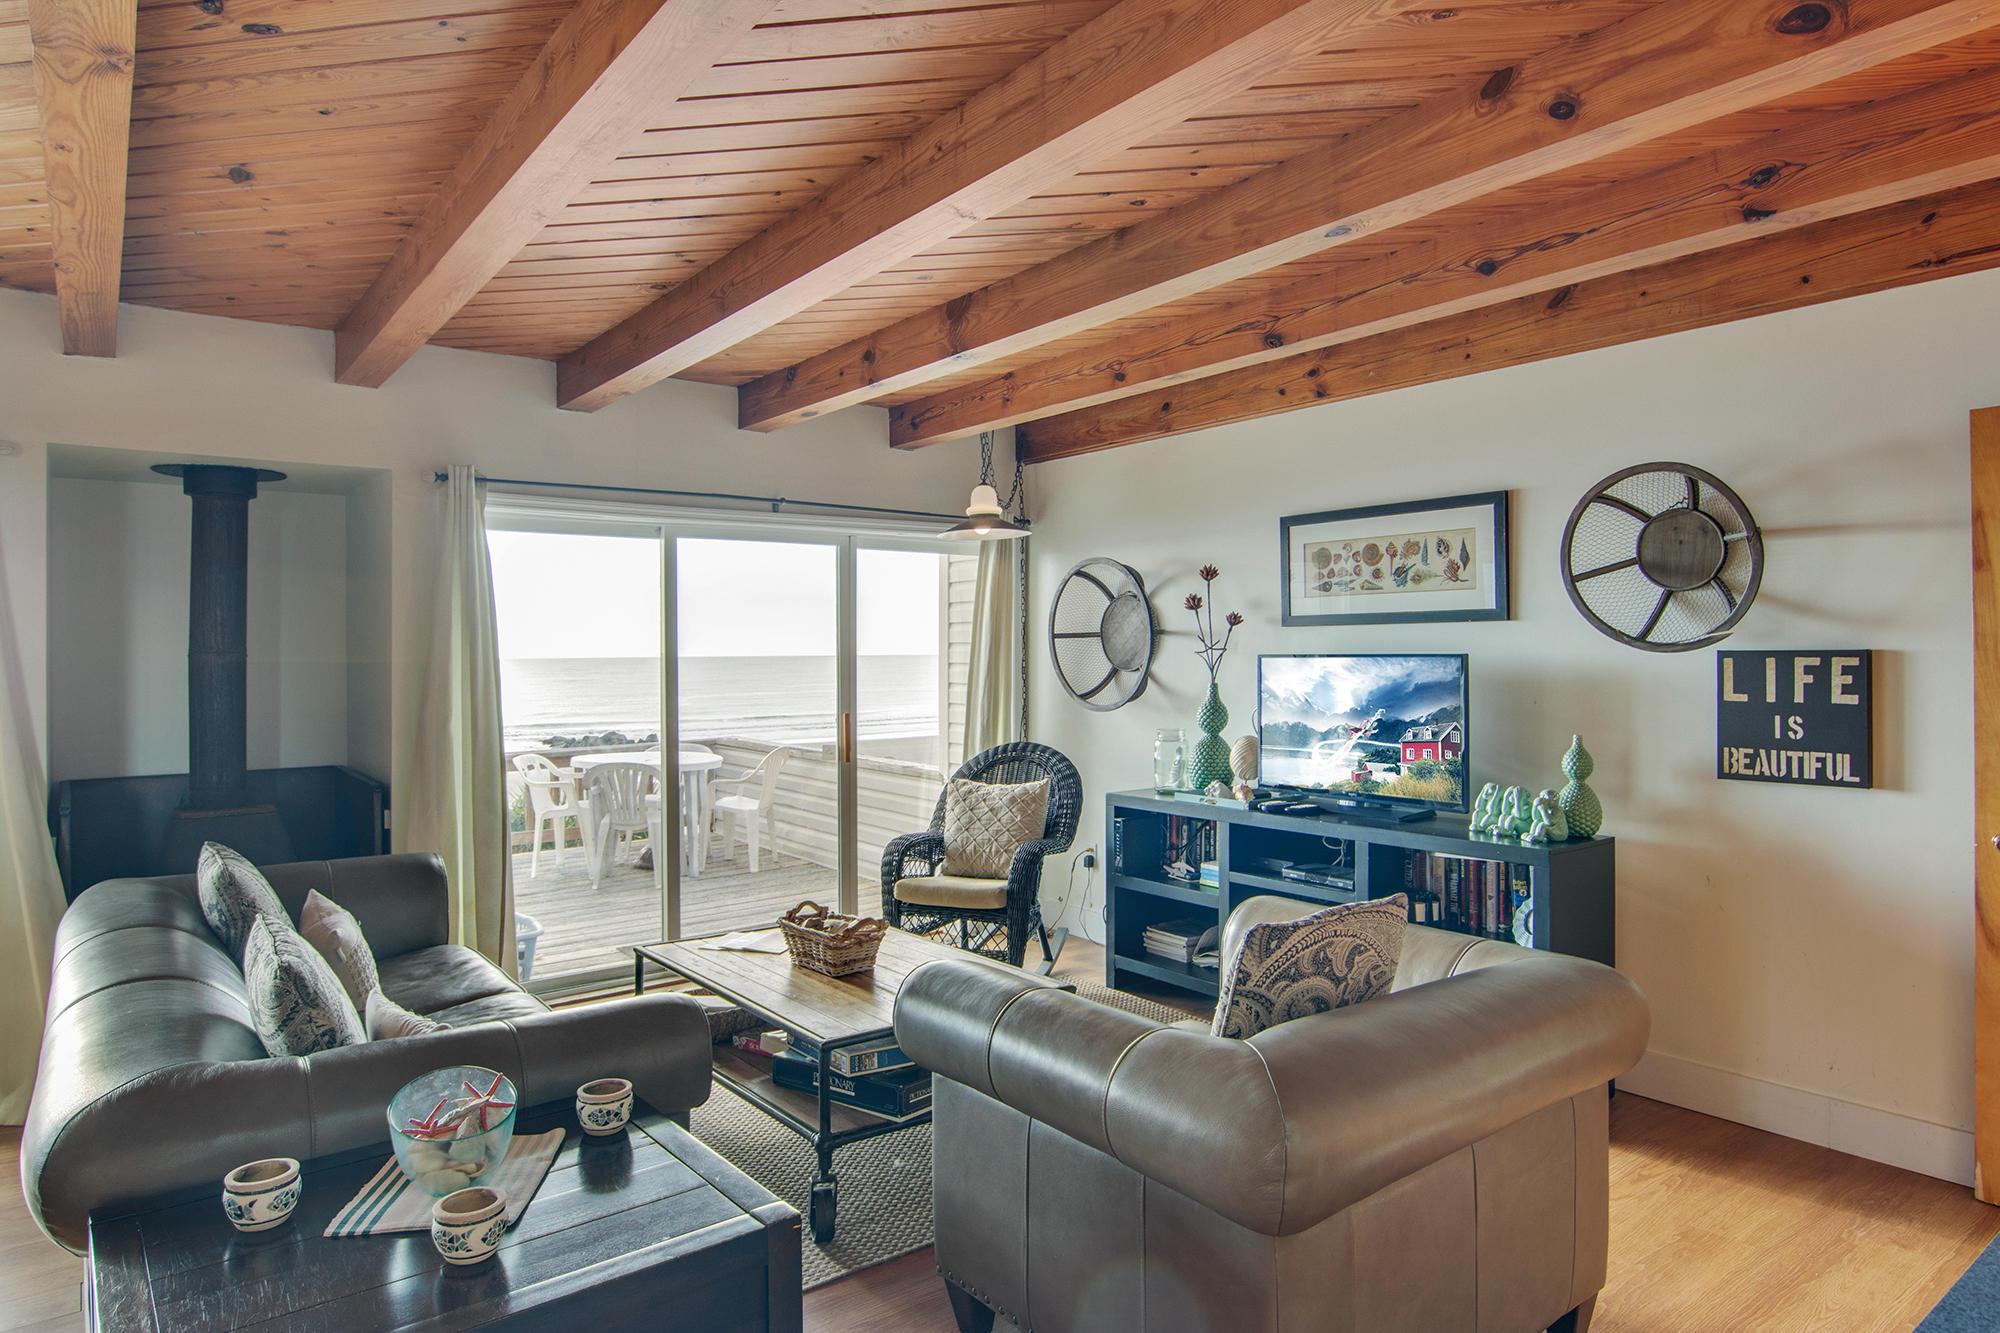 Folly Beach Homes For Sale - 1703 Ashley, Folly Beach, SC - 17